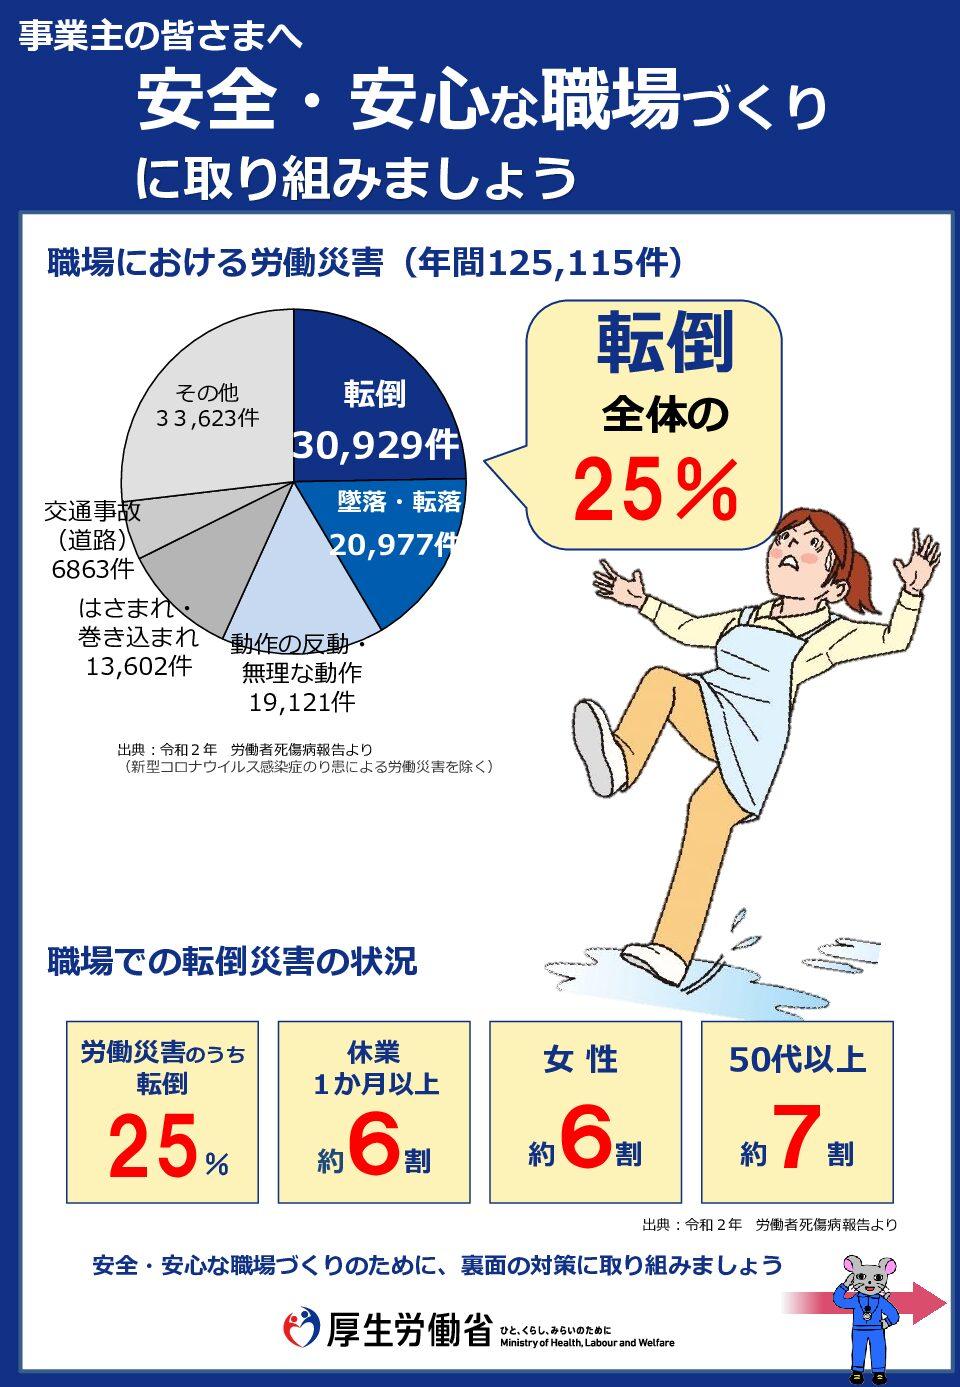 【10月の安全衛生メモ】10月10日は「転倒予防の日」~転倒による労働災害を予防しましょう~